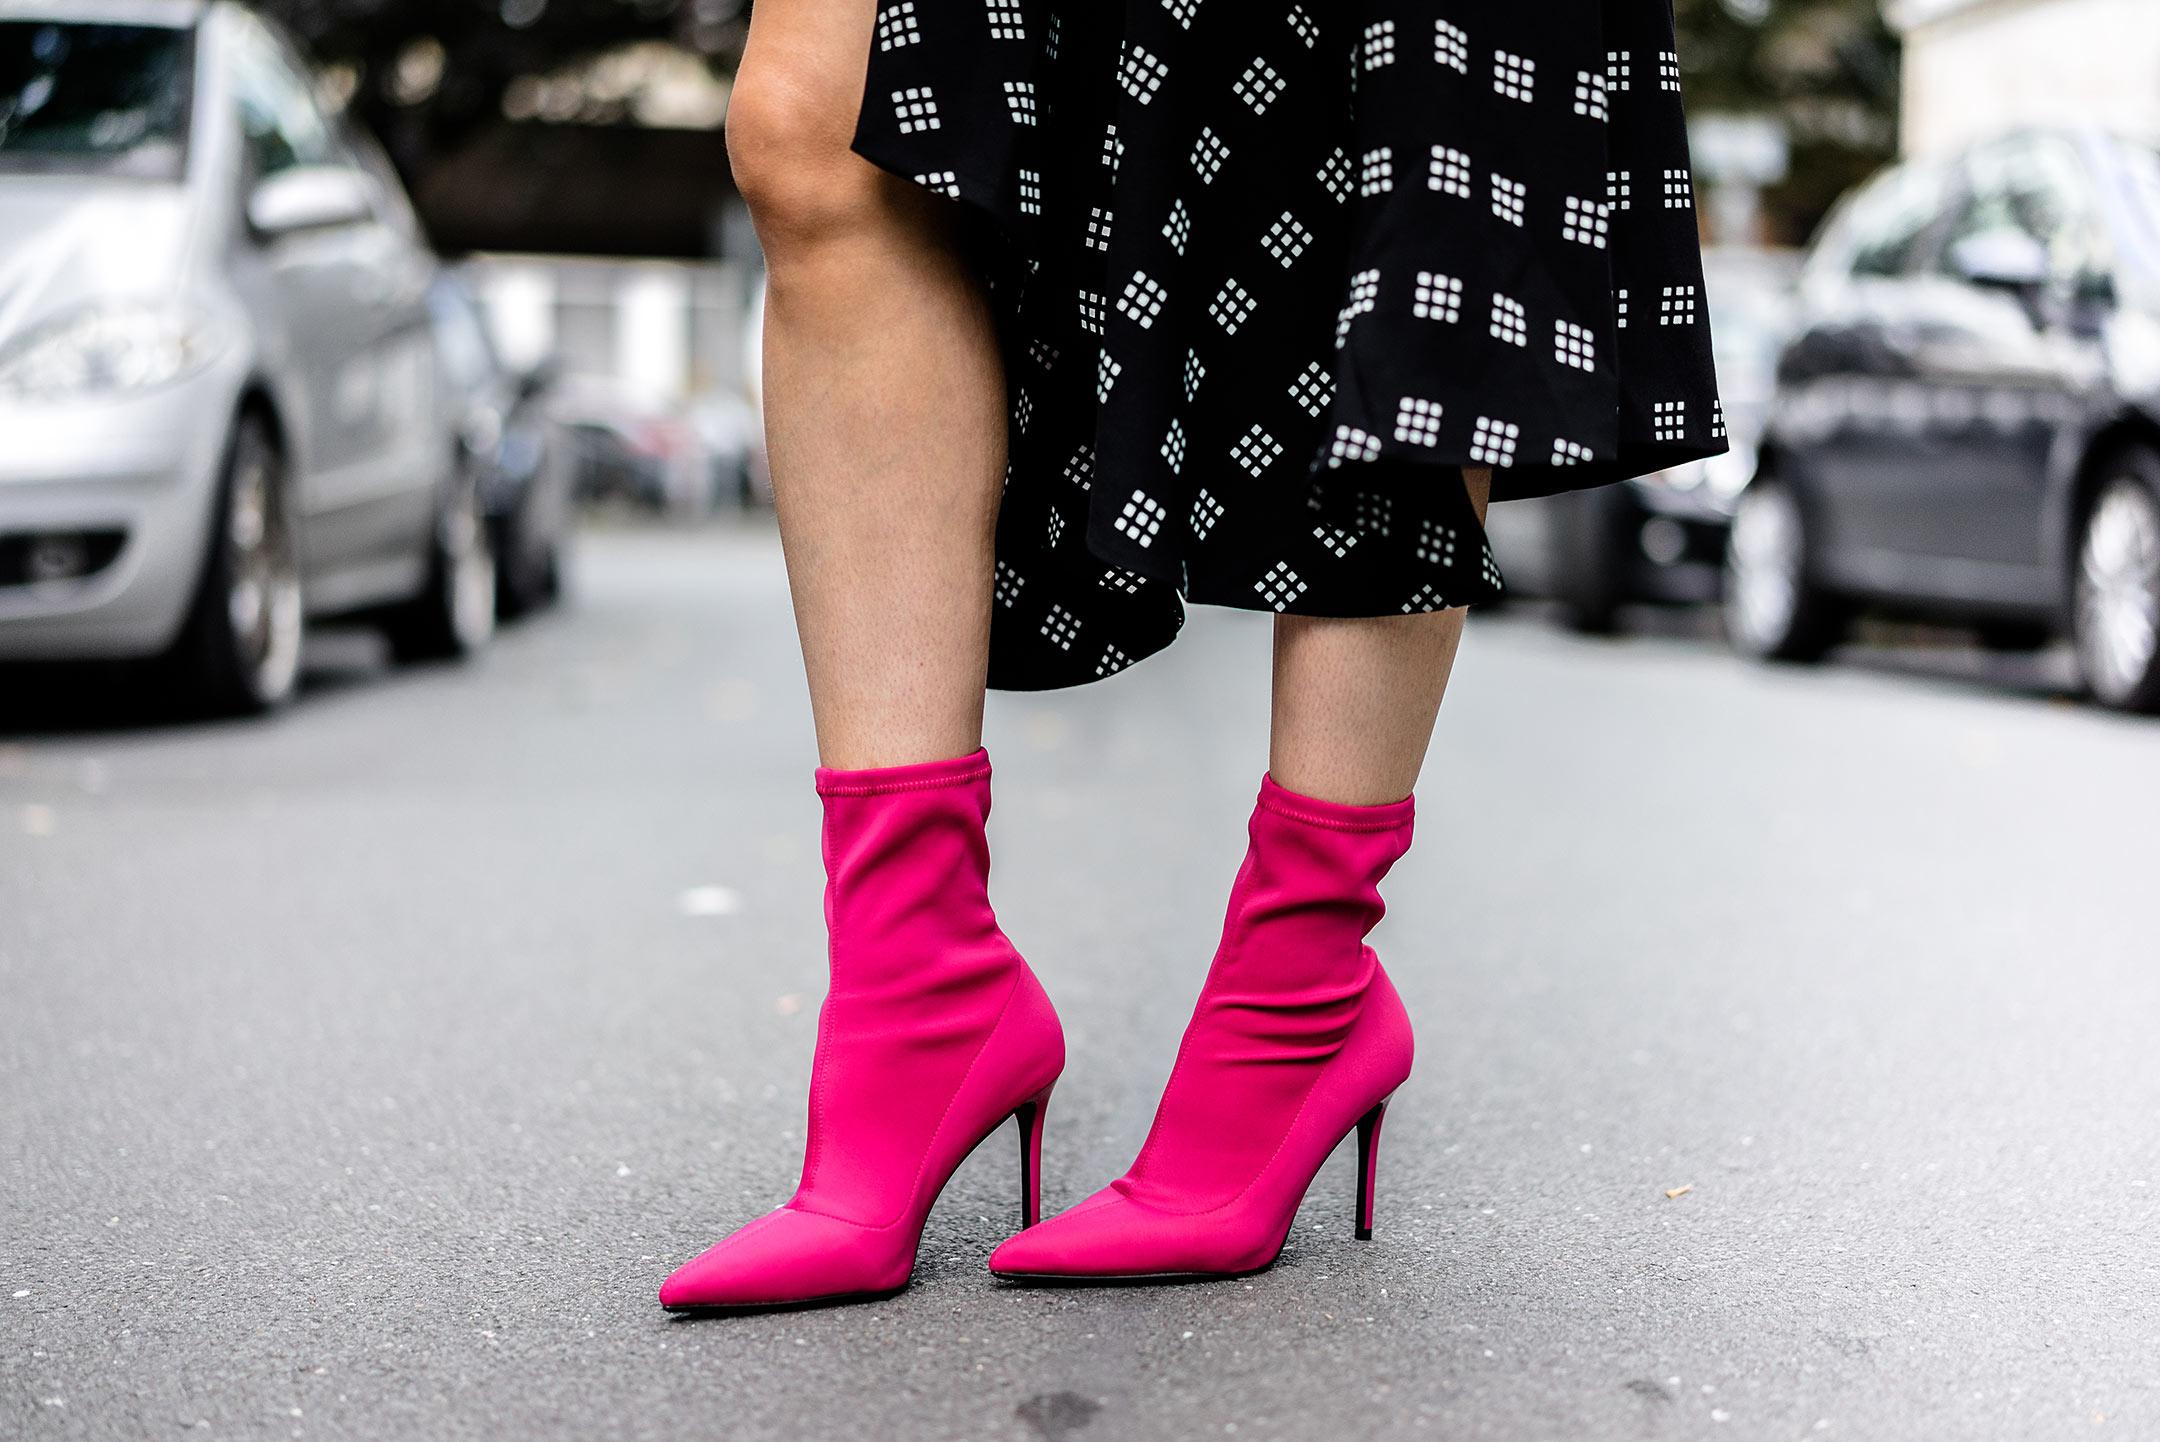 Botas da moda 2018: tudo sobre os sapatos mais trends do outono/inverno